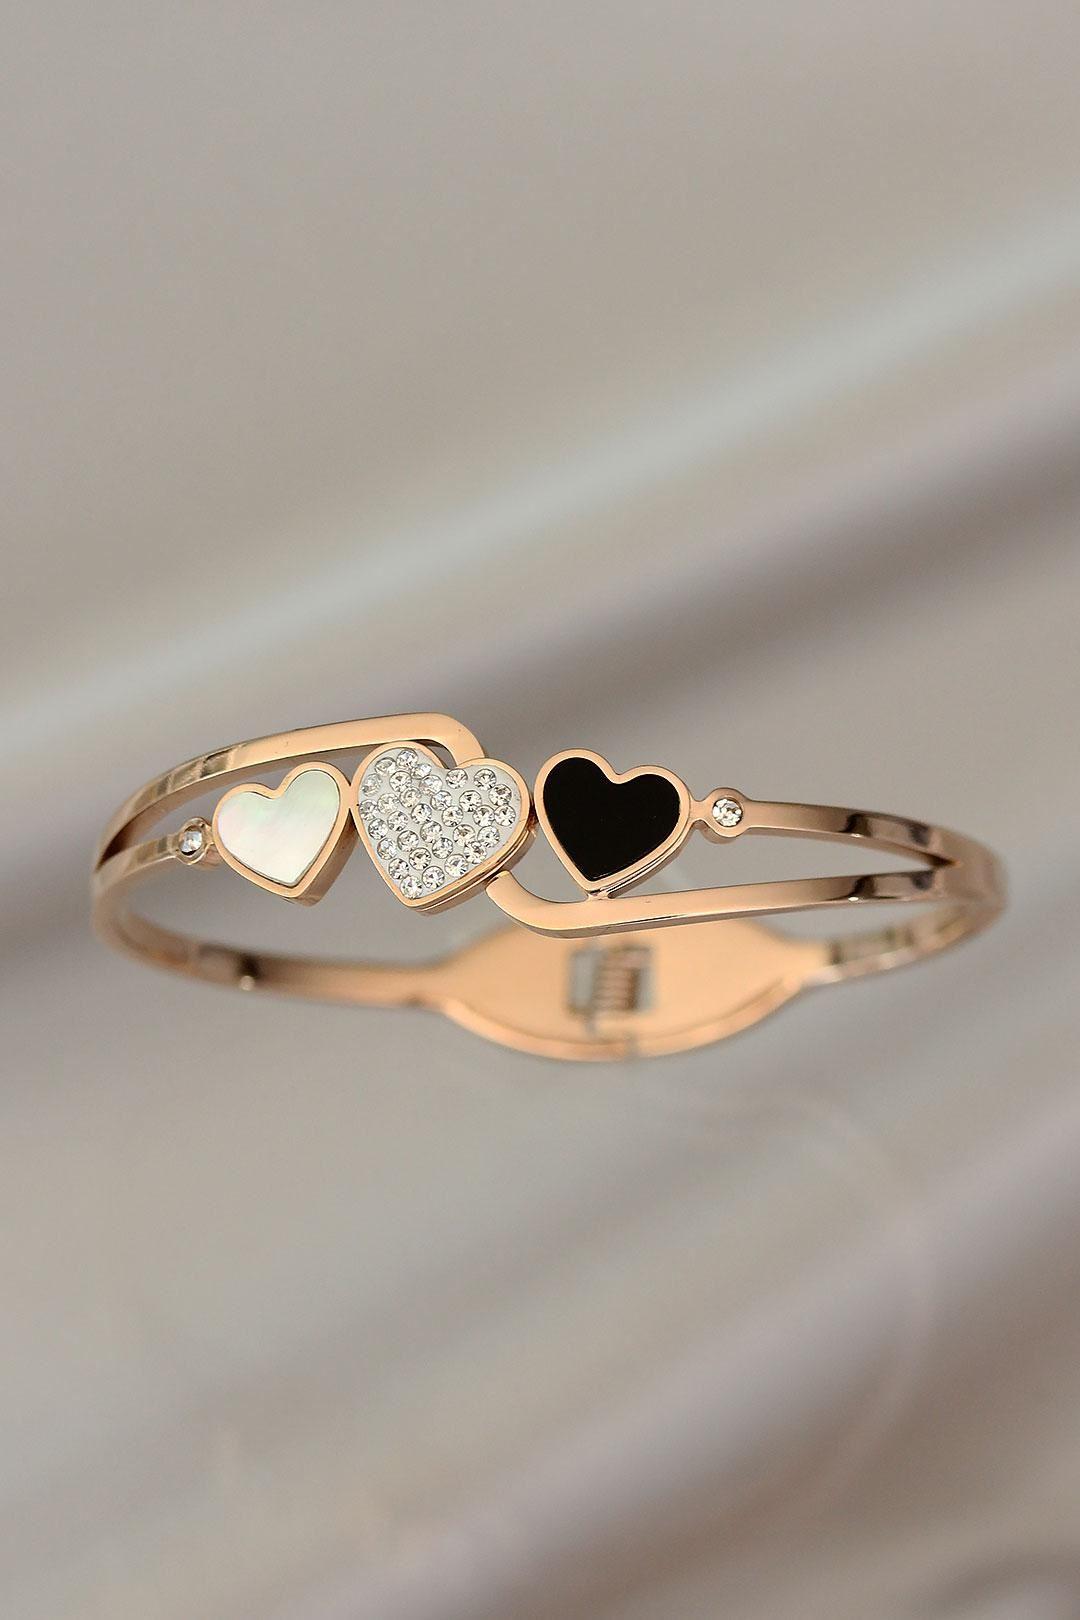 Kalp Tasarımlı Zirkon Taşlı Rose Renk Çelik Bilezik